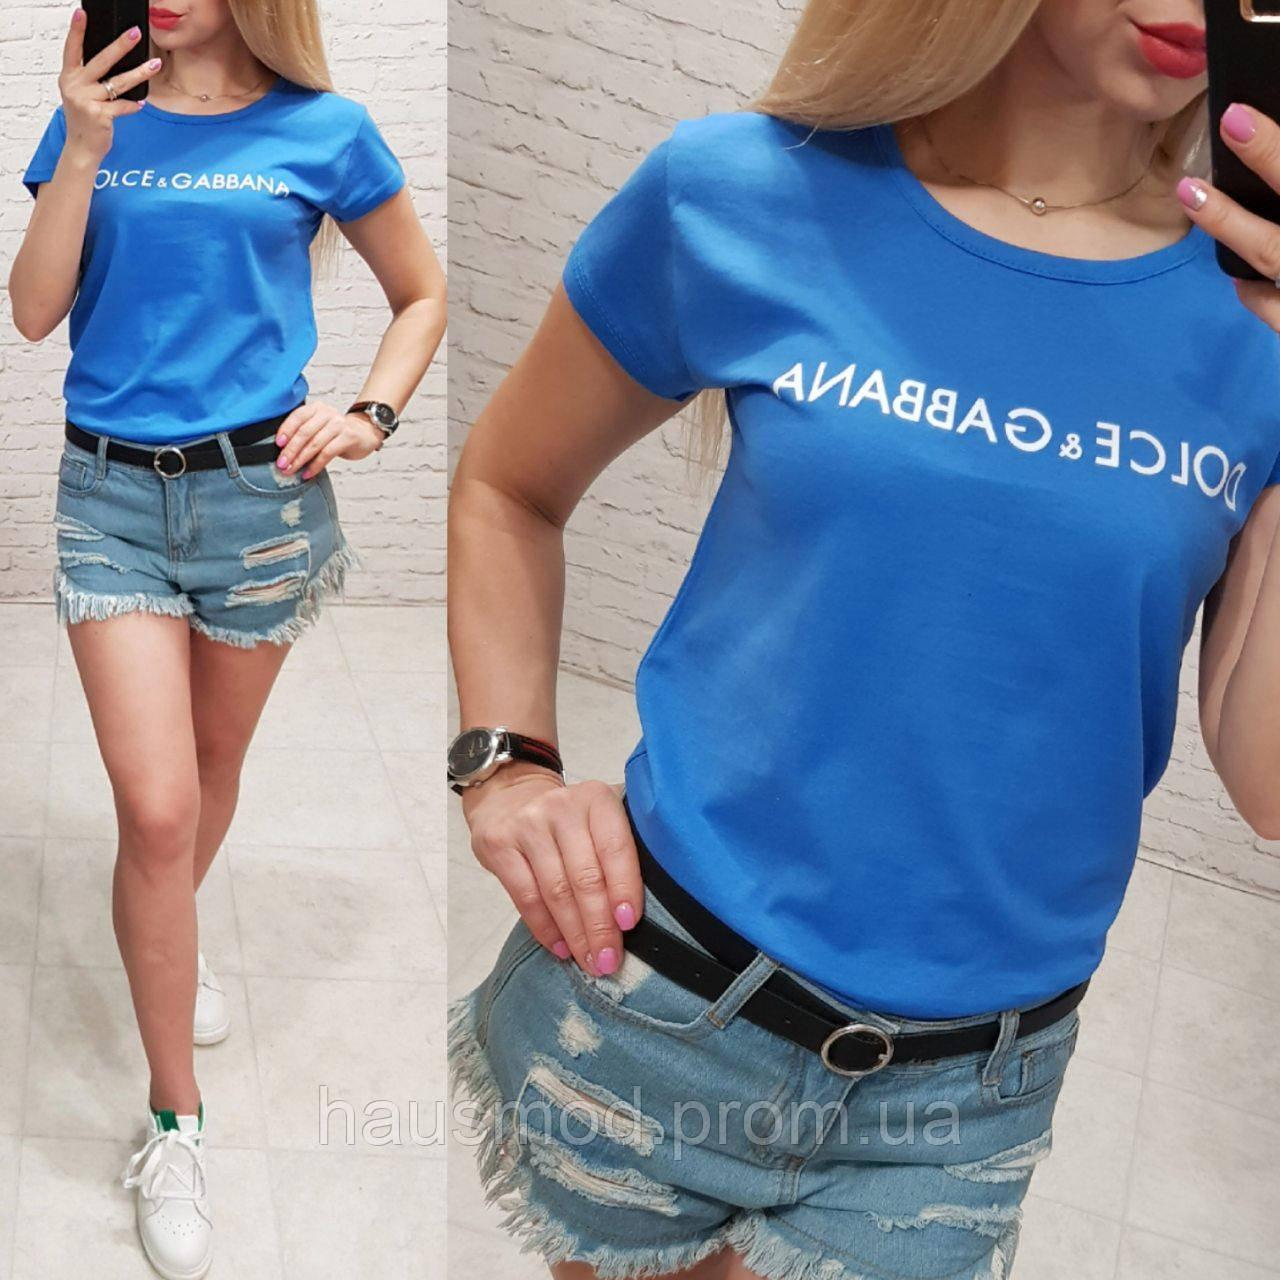 Женская футболка летняя качество реплика копия Dolce Gabbana турция 100% катонцвет голубой